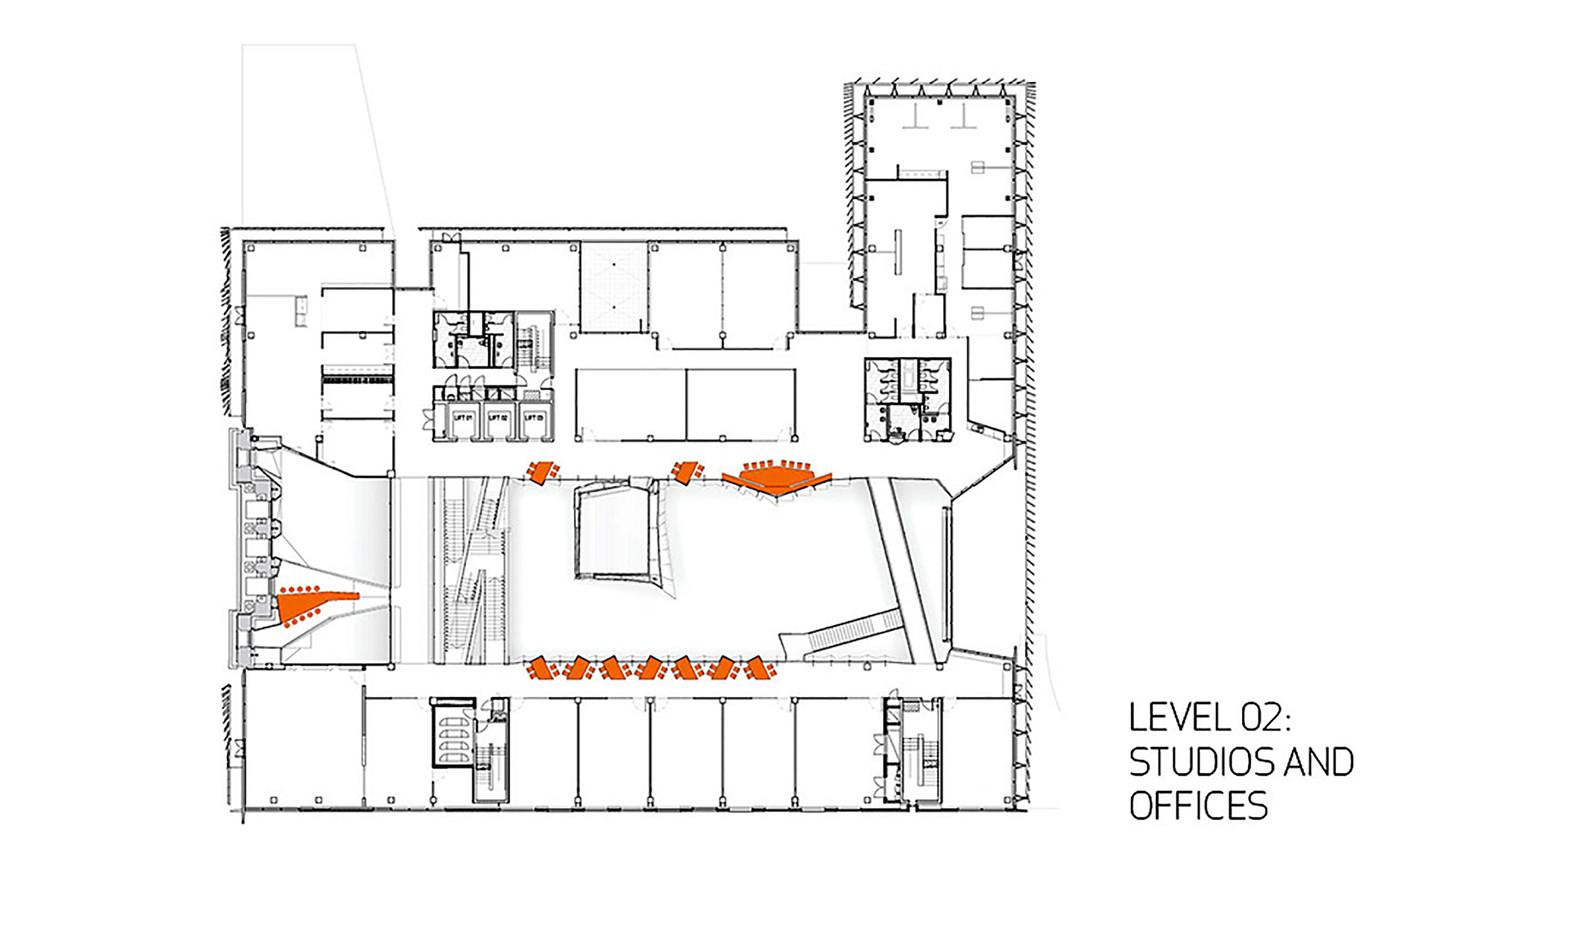 Melbourne school of design university of melbournesecond floor plan